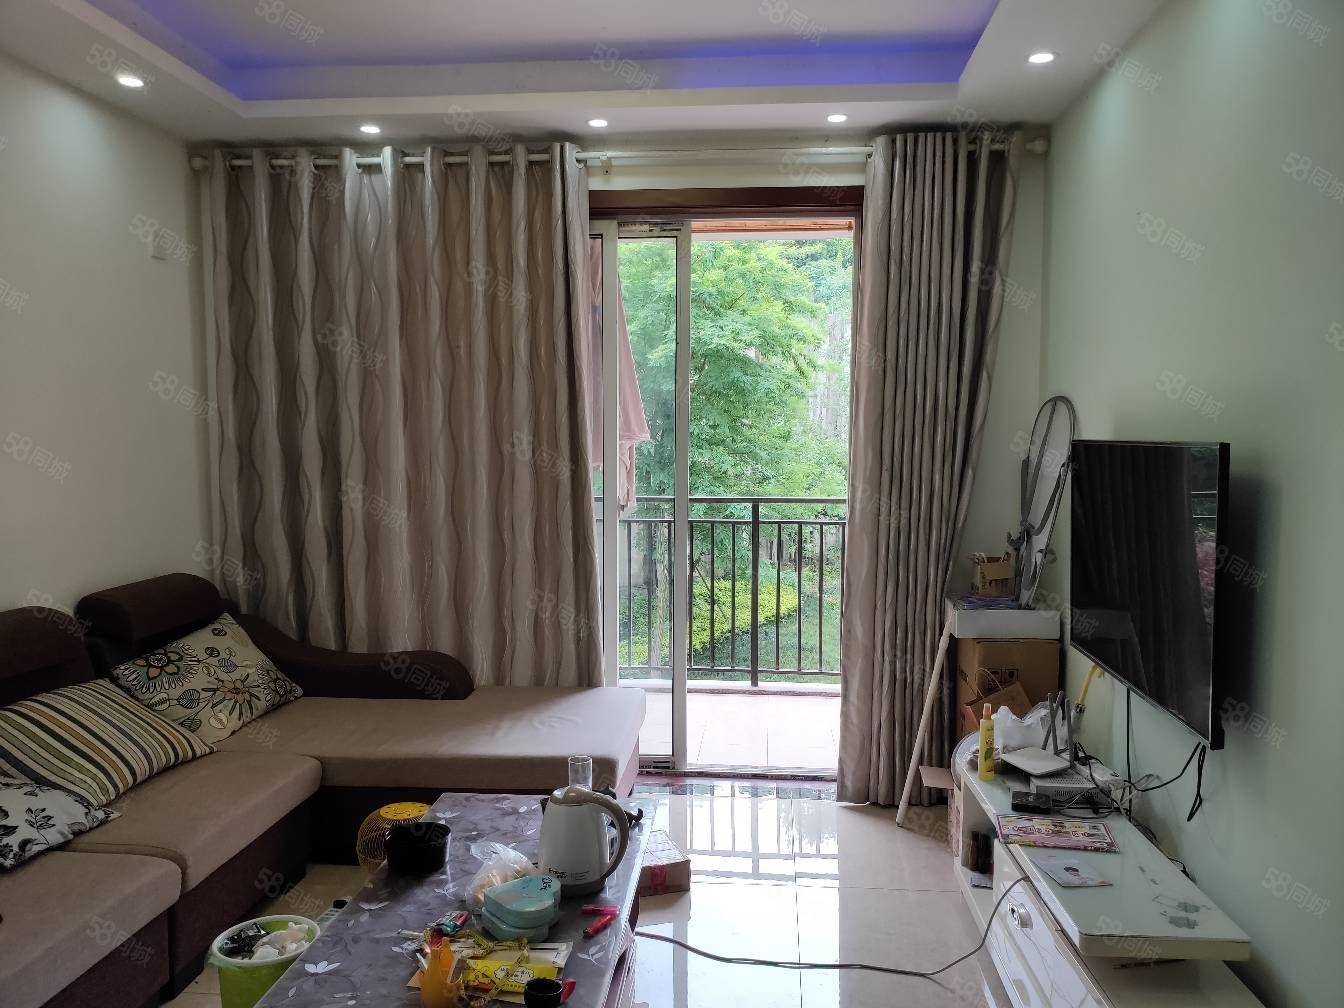 鹤鸣花苑精装2室2厅带阳台学区房68m总价43.8